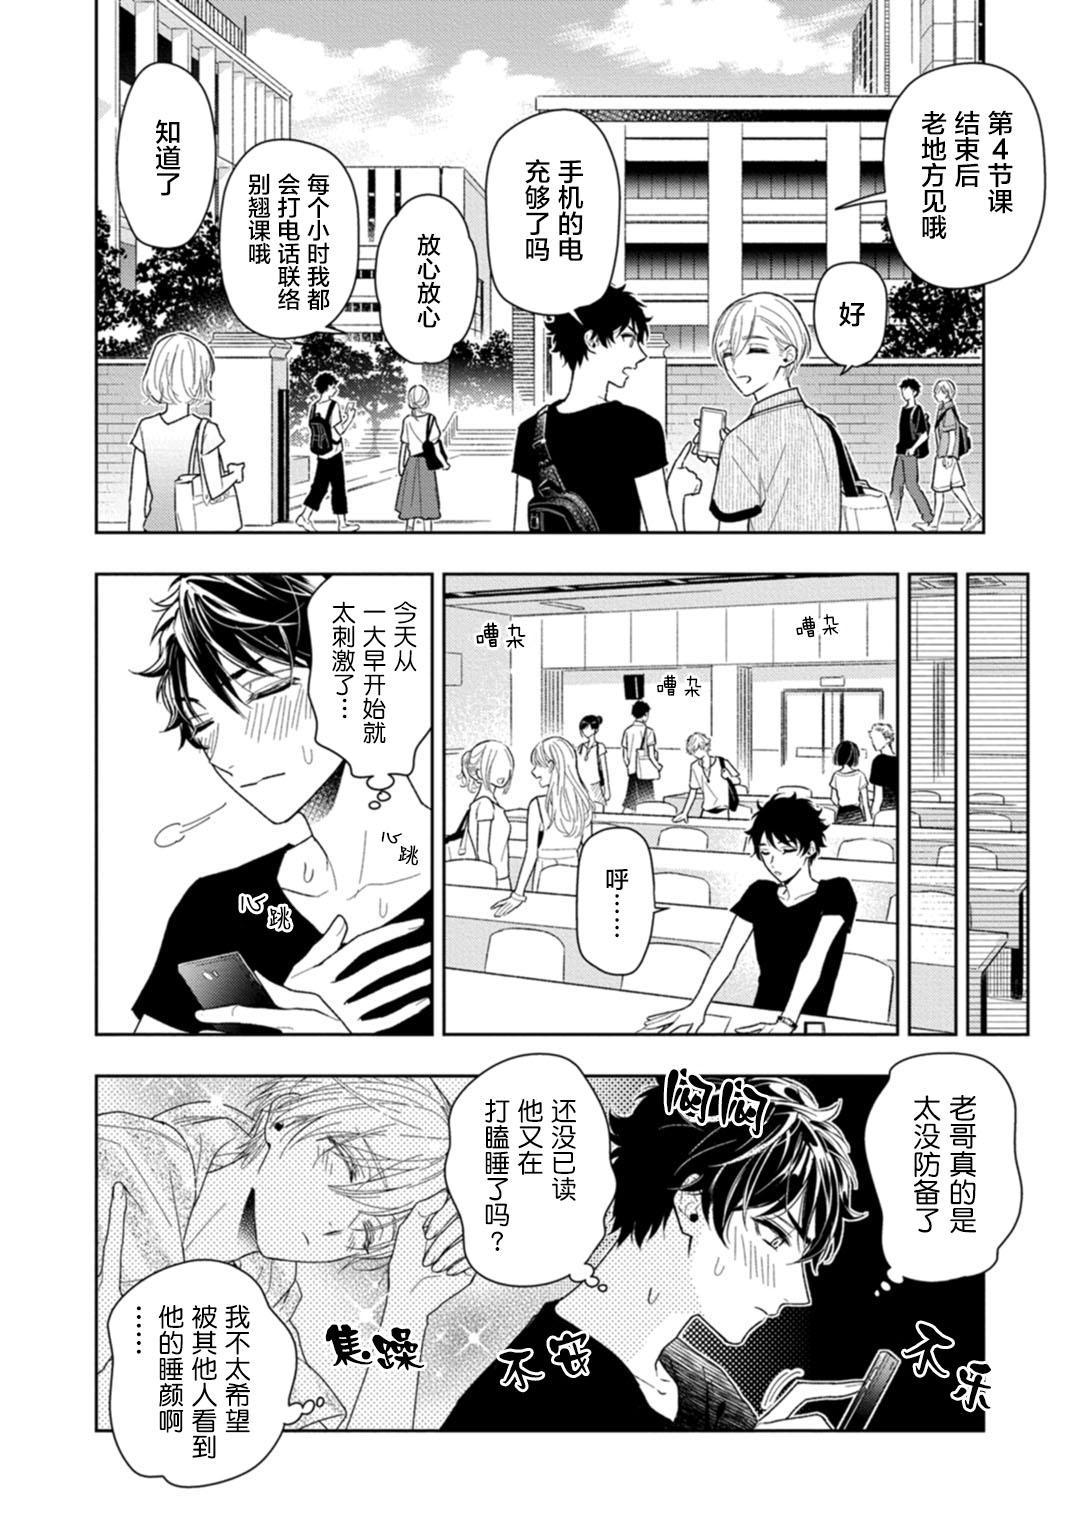 Aniki no ichiban Oishii Tokoro | 老哥最可口的部位 act.1—4 11